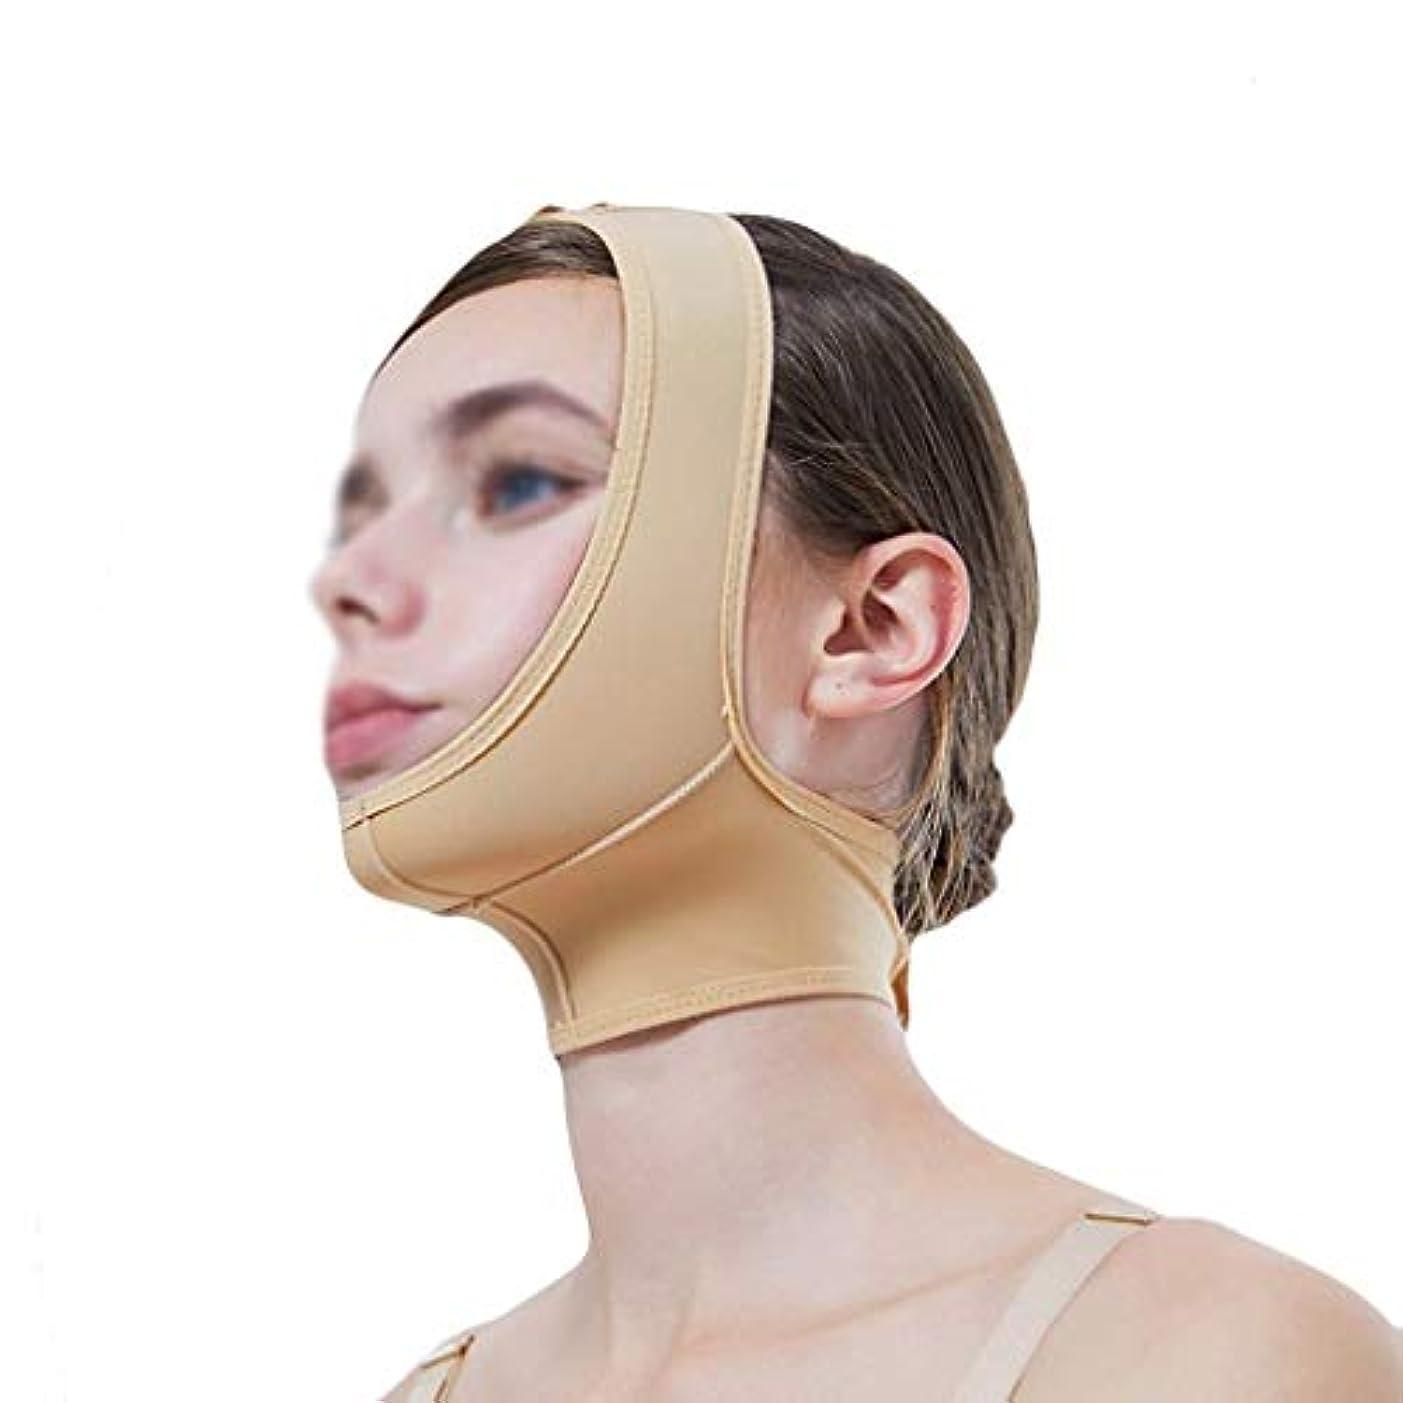 クロス納得させる項目マスク、超薄型ベルト、フェイスリフティングに適し、フェイスリフティング、通気性包帯、あご取りベルト、超薄型ベルト、通気性(サイズ:XL),XXL